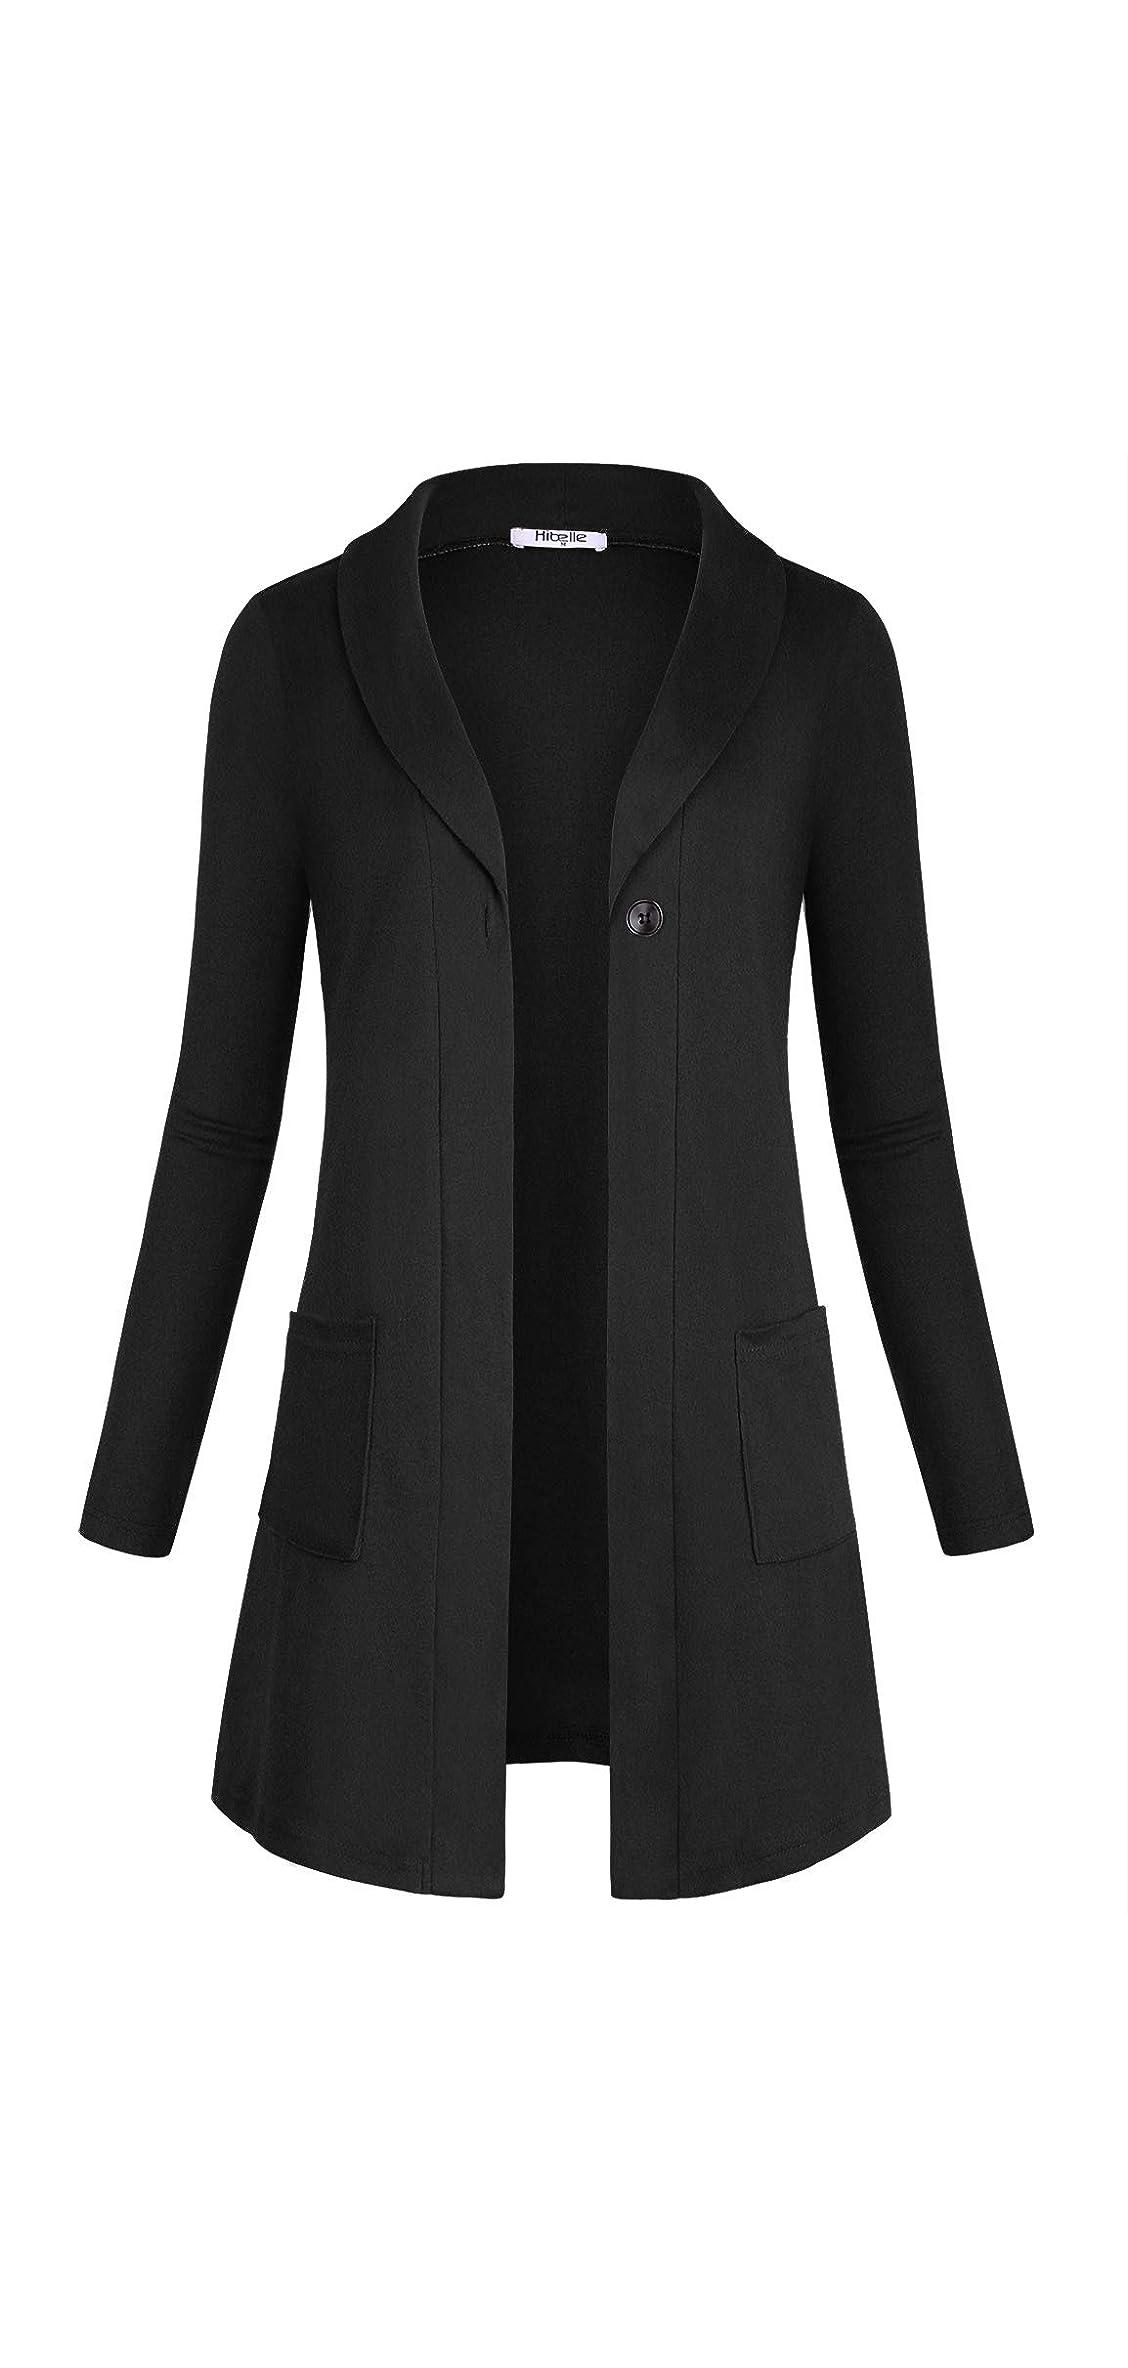 Women's Open Front Pockets Long Sleeve Sweater Cardigan